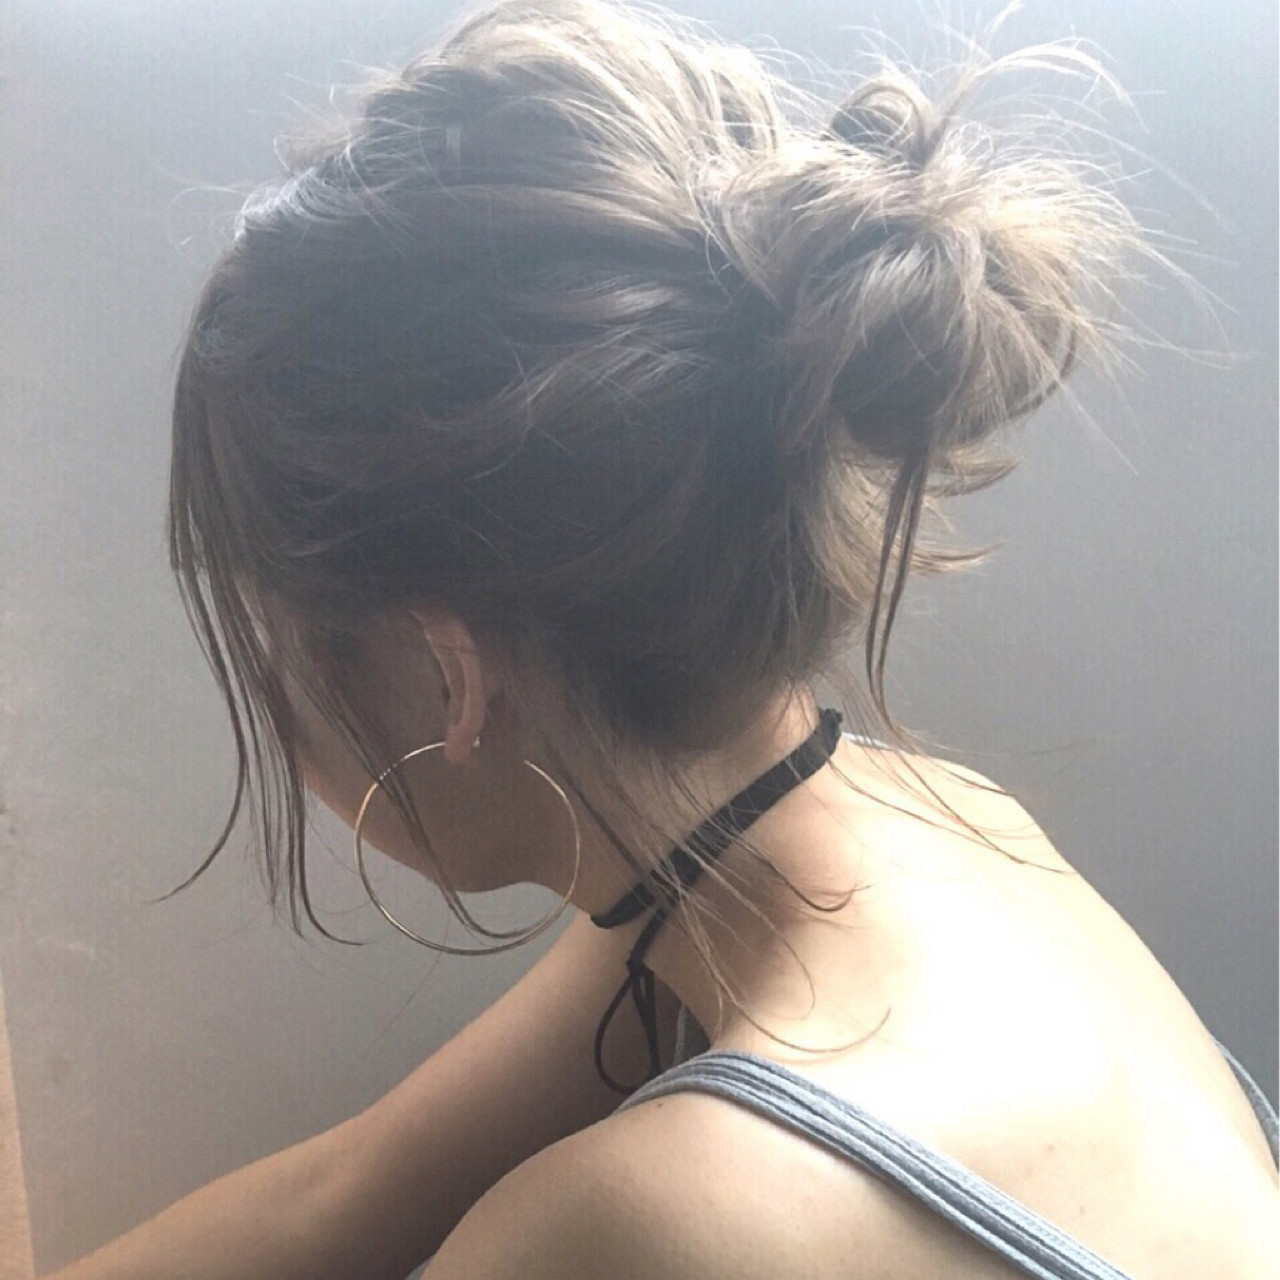 コンサートに行くならこの髪型!イベントがもっと楽しくなるヘアアレンジ集 舩木 宏哉